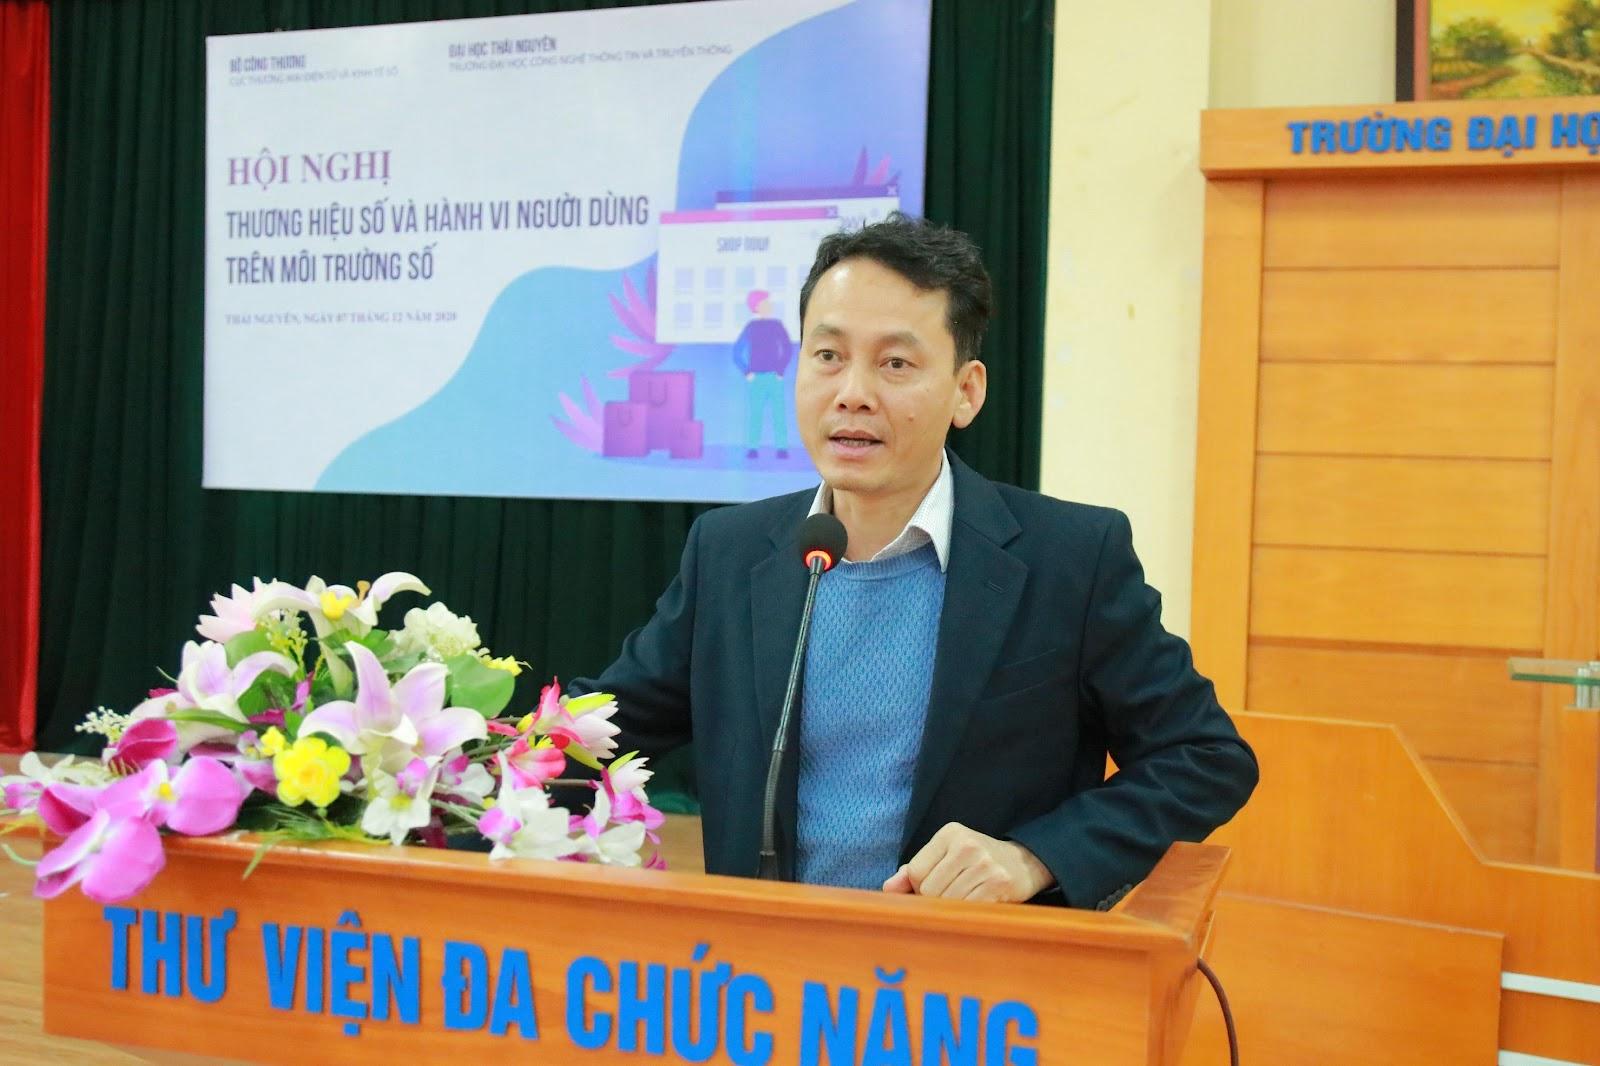 Ông Nguyễn Văn Thành trình bày tại hội nghị.